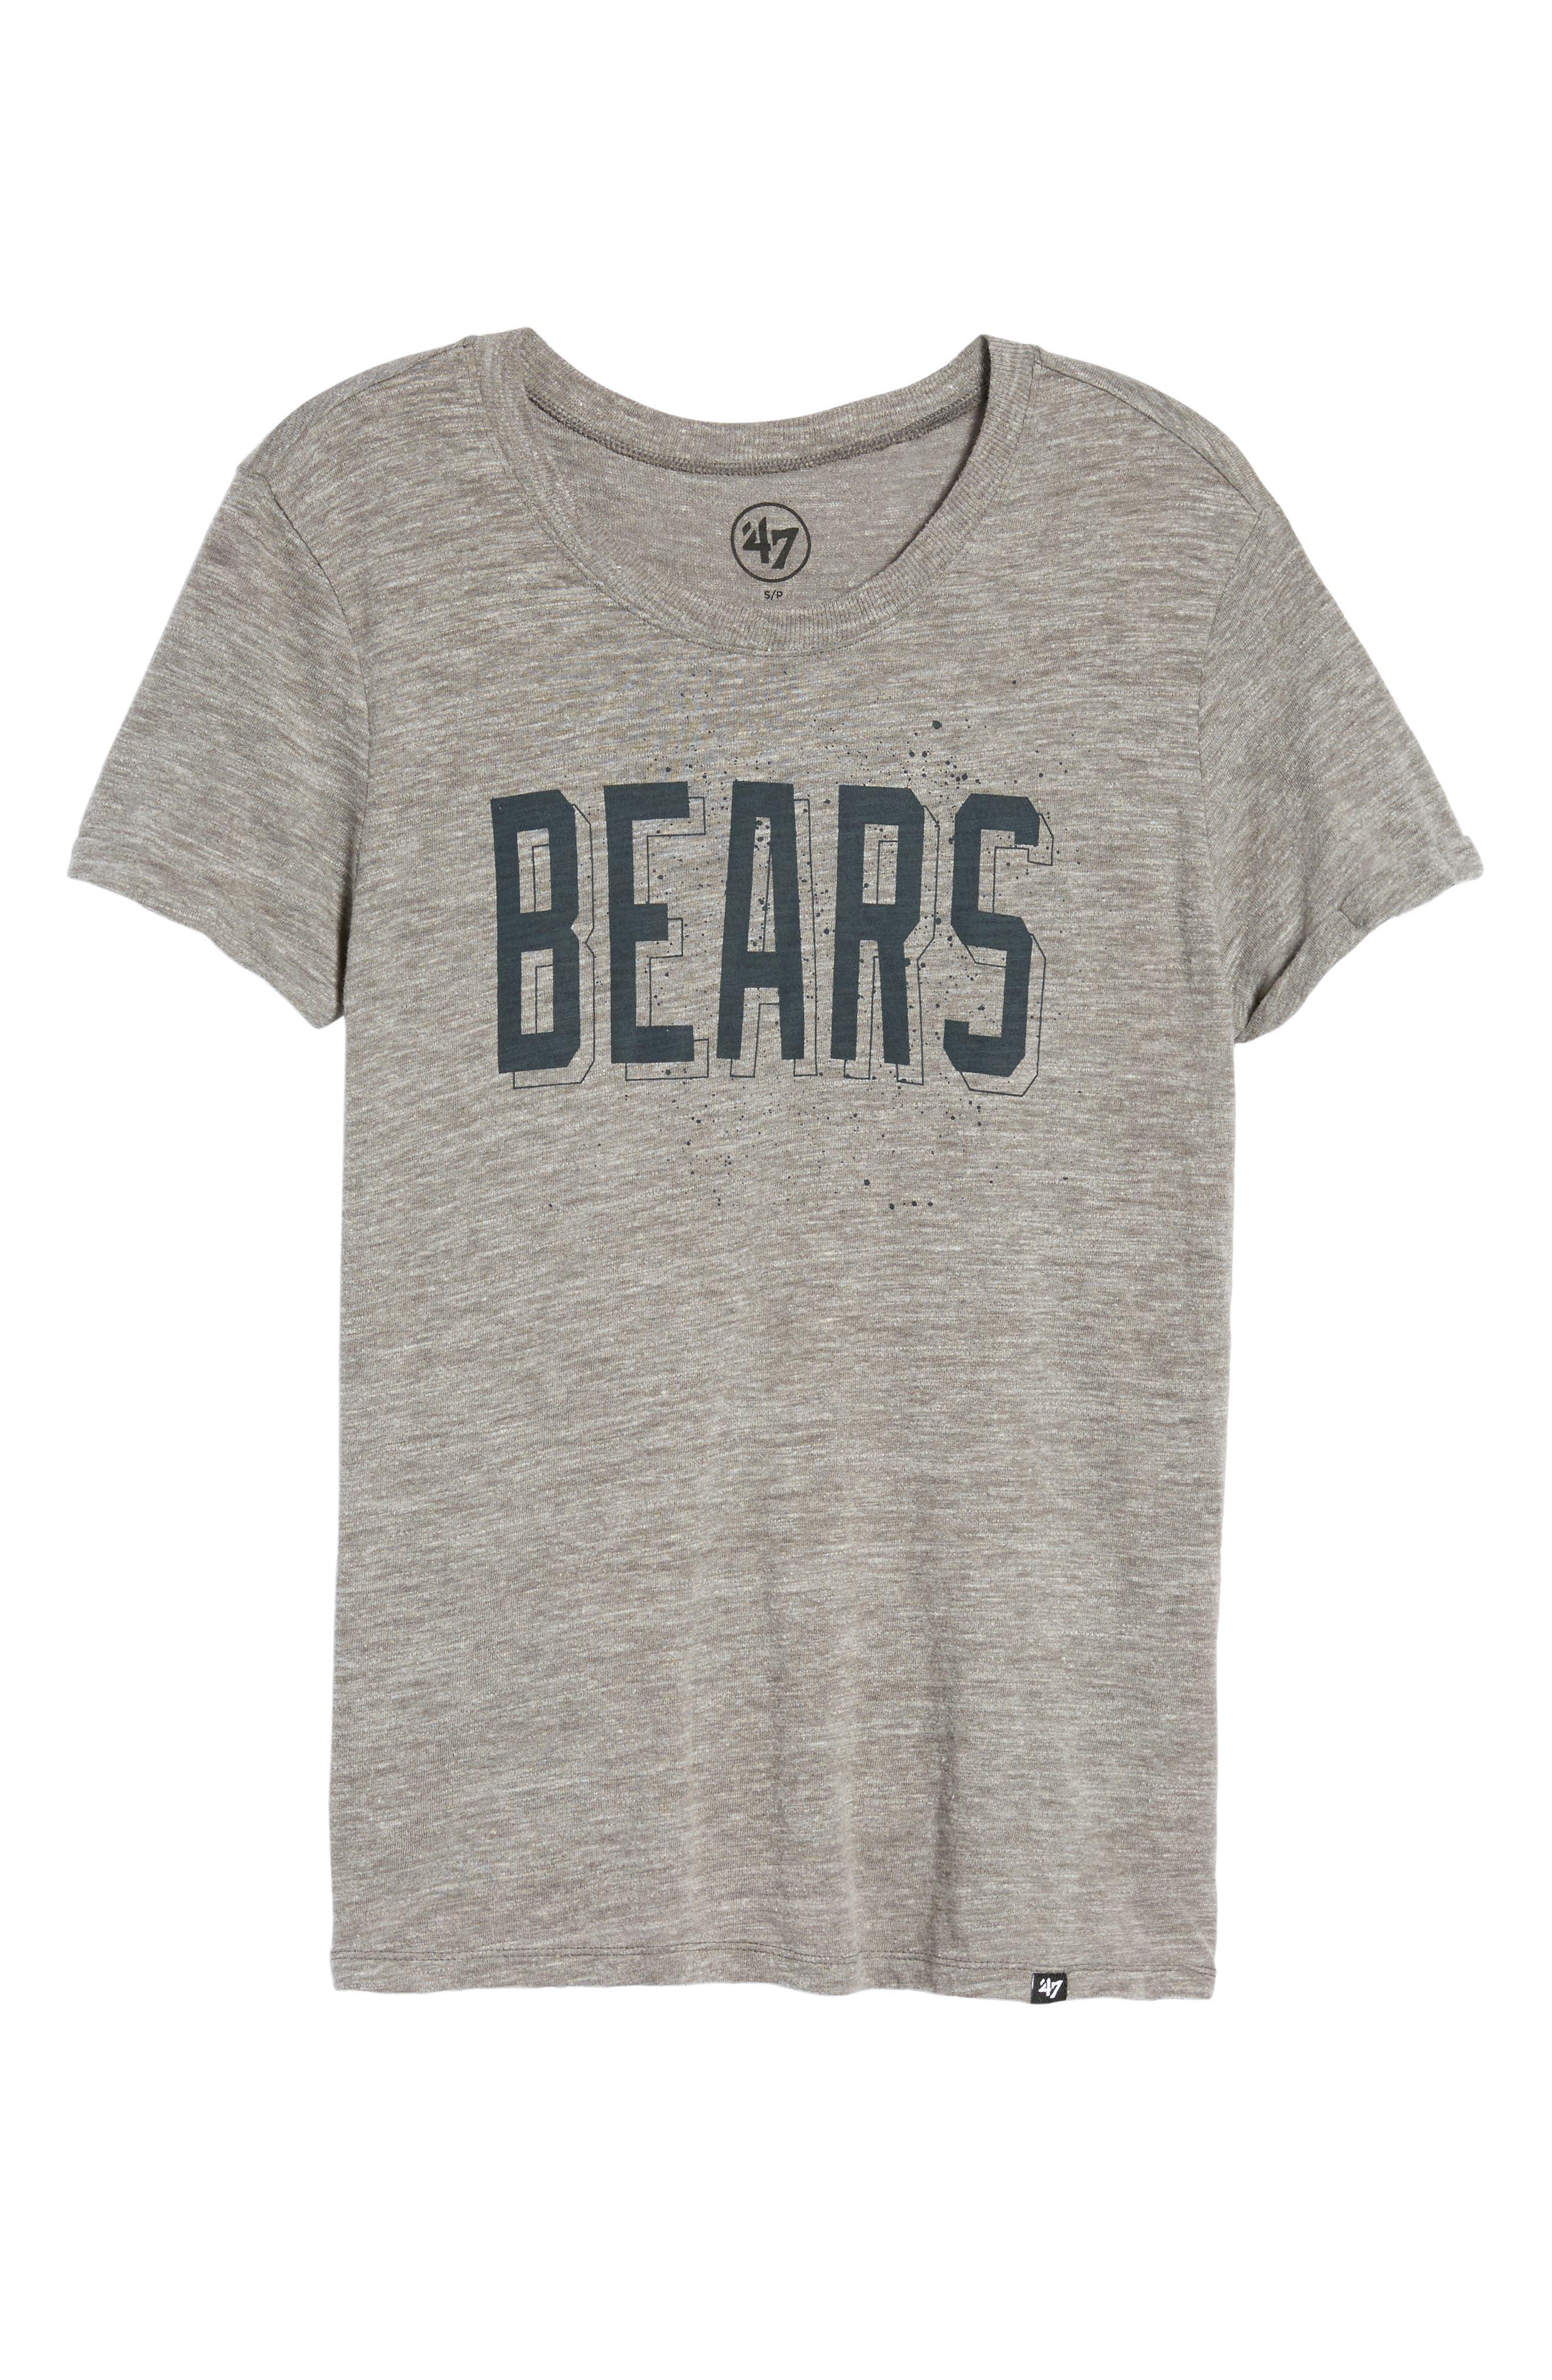 MVP Hero - Chicago Bears Tee,                             Alternate thumbnail 6, color,                             020